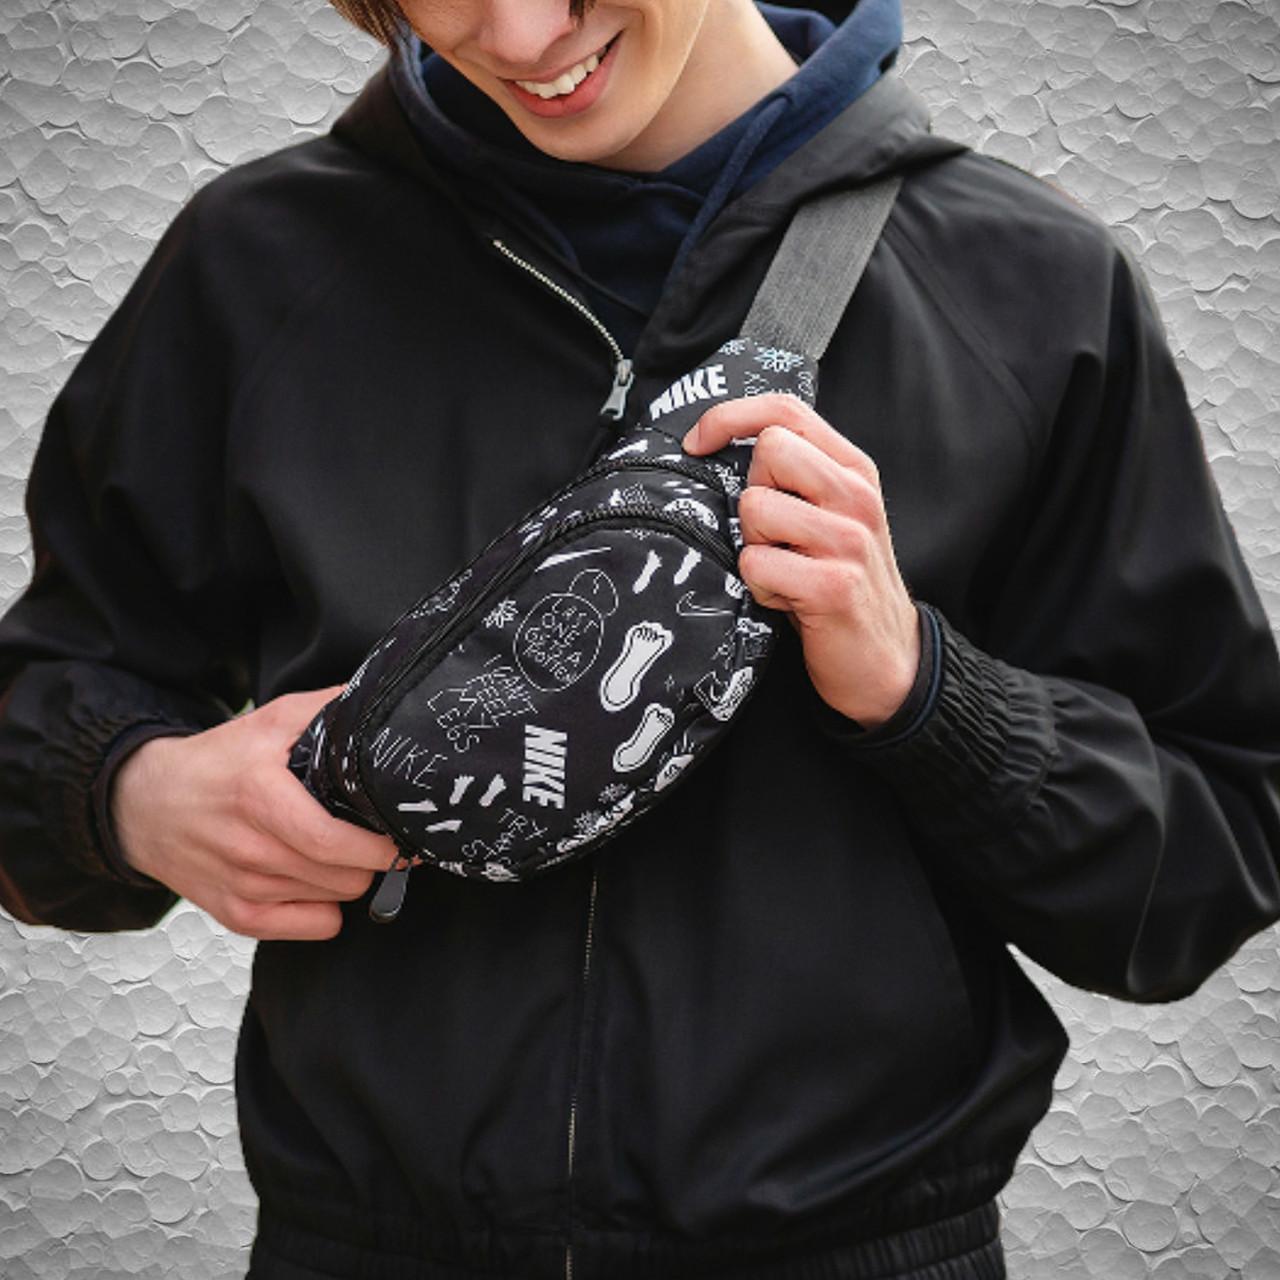 Мужская   женская черная бананка через плечо Nike. Поясная сумка, барсетка с принтом найк. Сумка на пояс